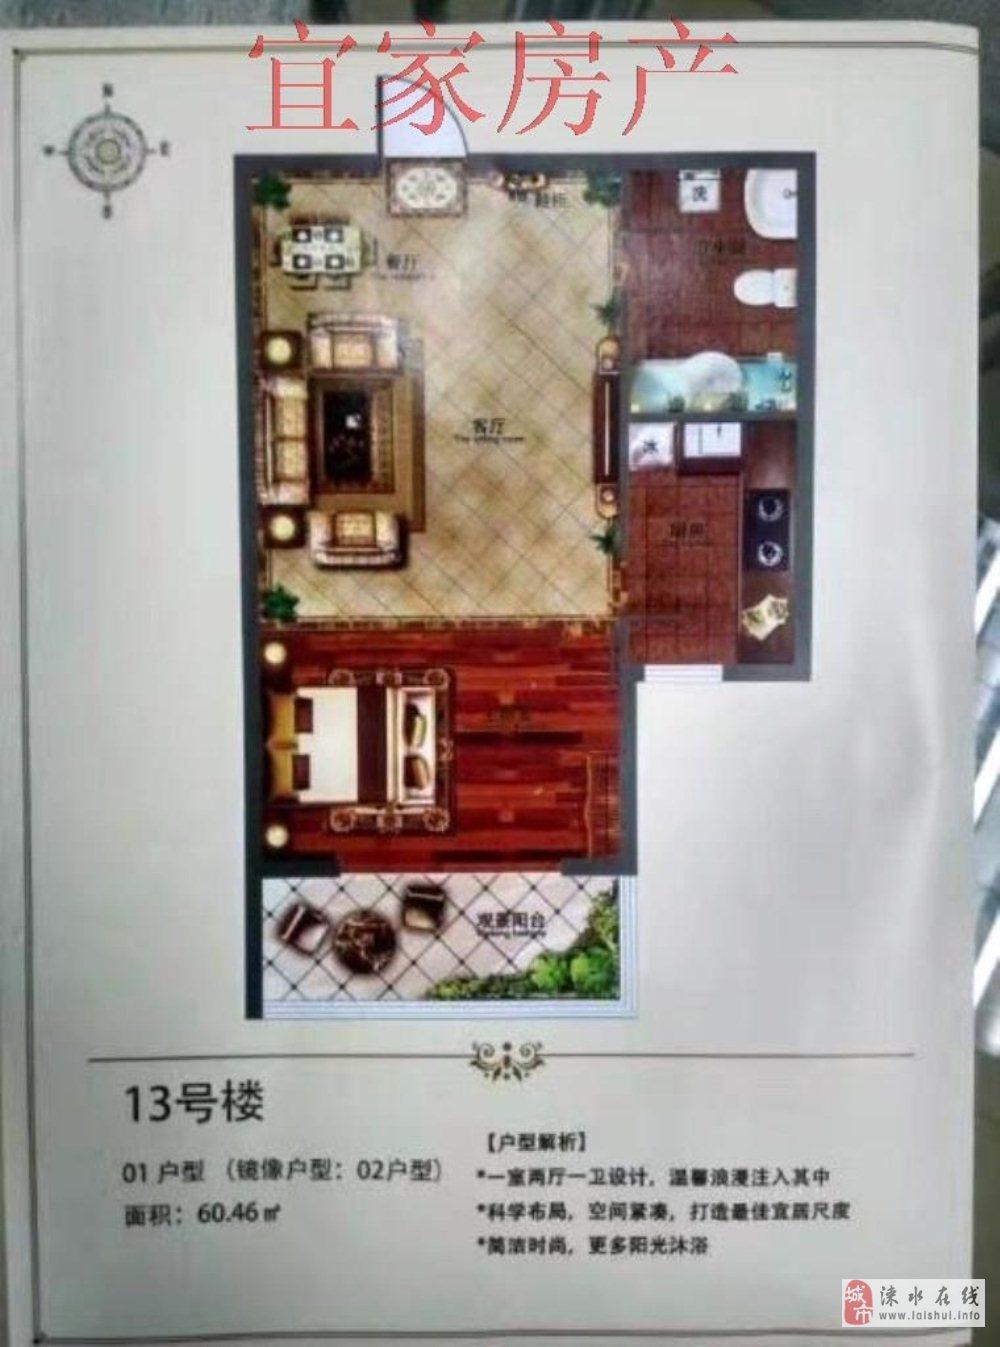 藍波圣景毛坯一居室,中間樓層,含稅首付15萬